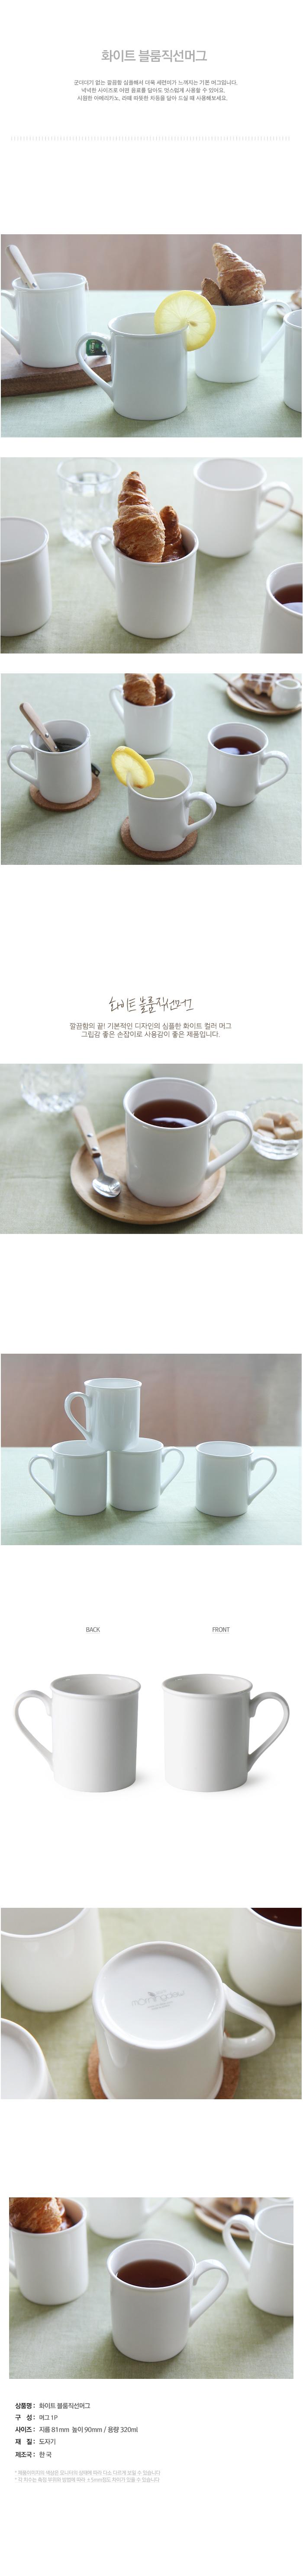 화이트 블룸직선머그 - 모닝듀, 7,000원, 머그컵, 심플머그